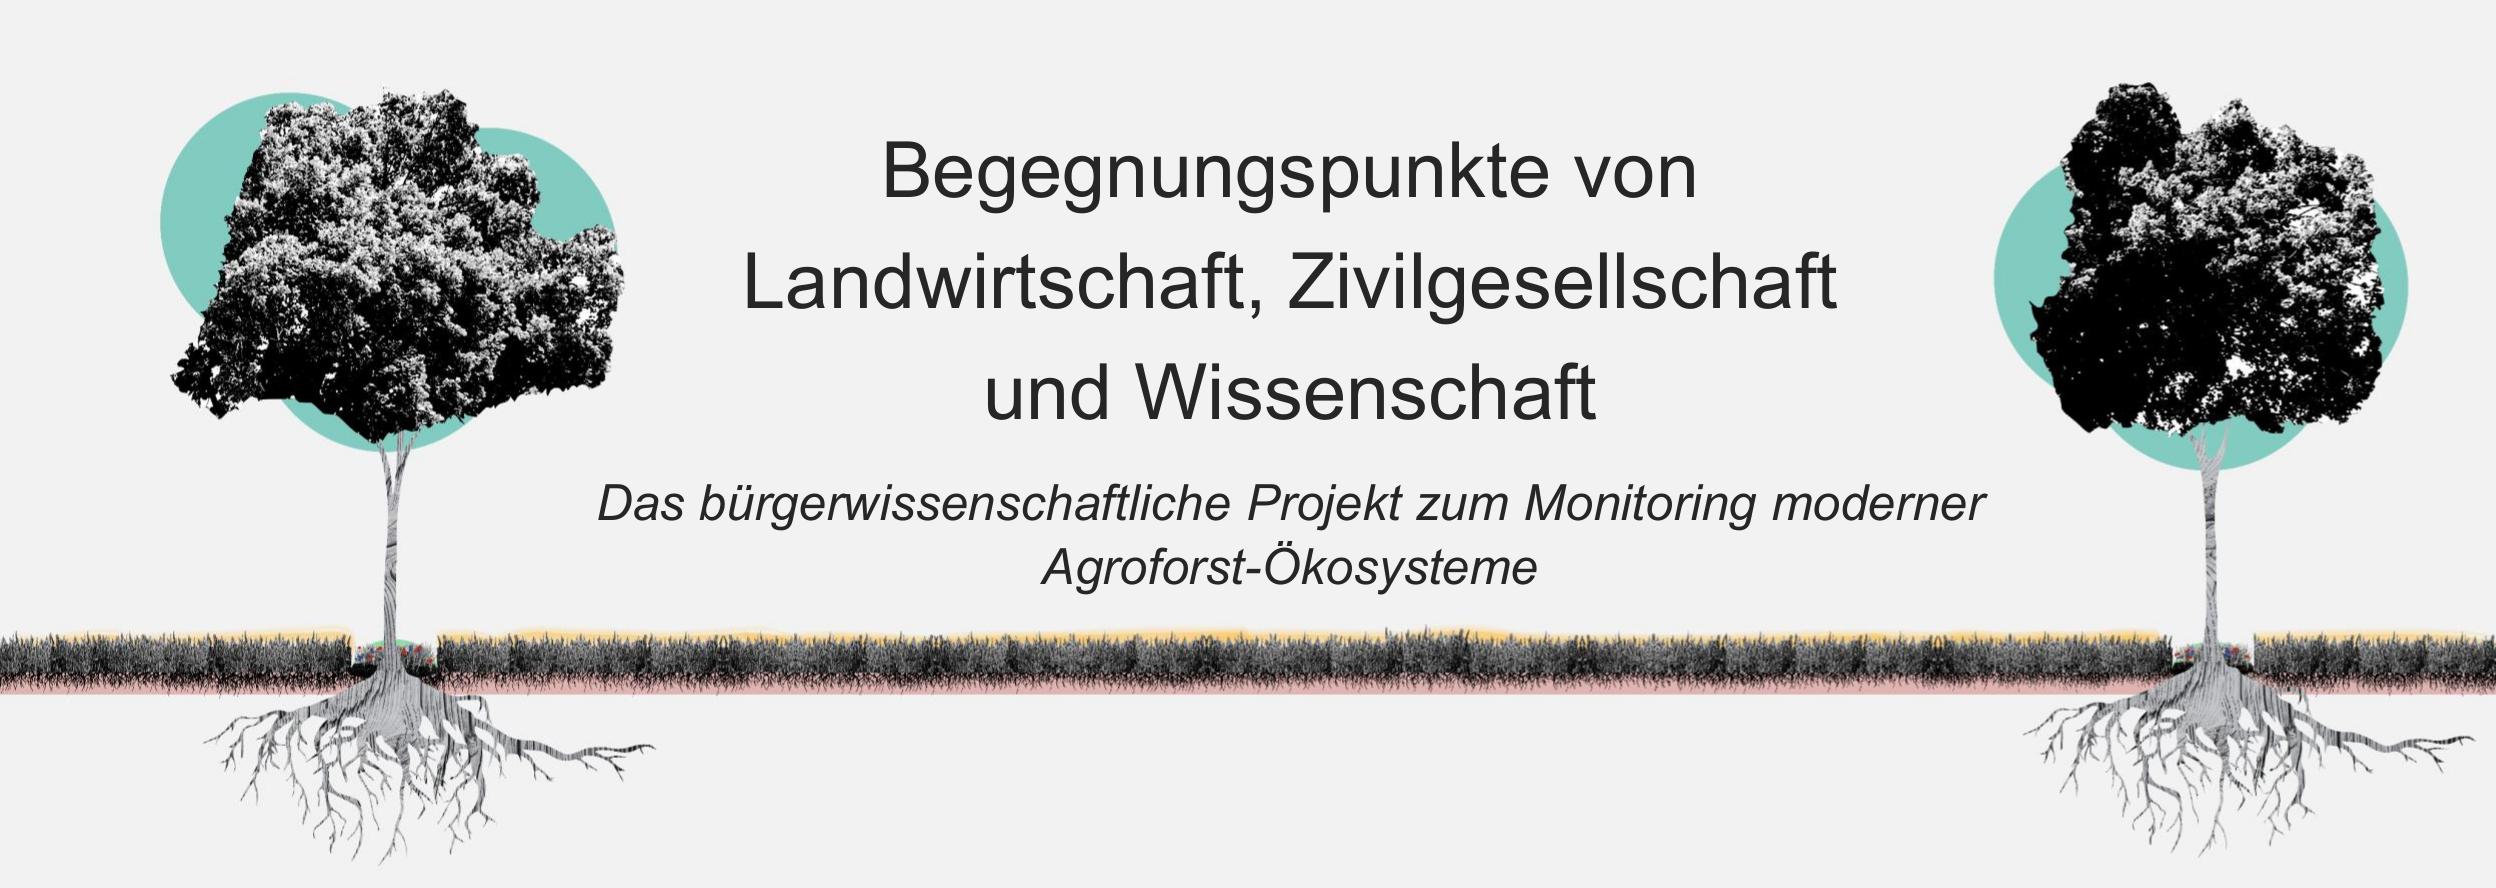 Begegnungspunkte von Landwirtschaft, Zivilgesellschaft und Wissenschaft Logo